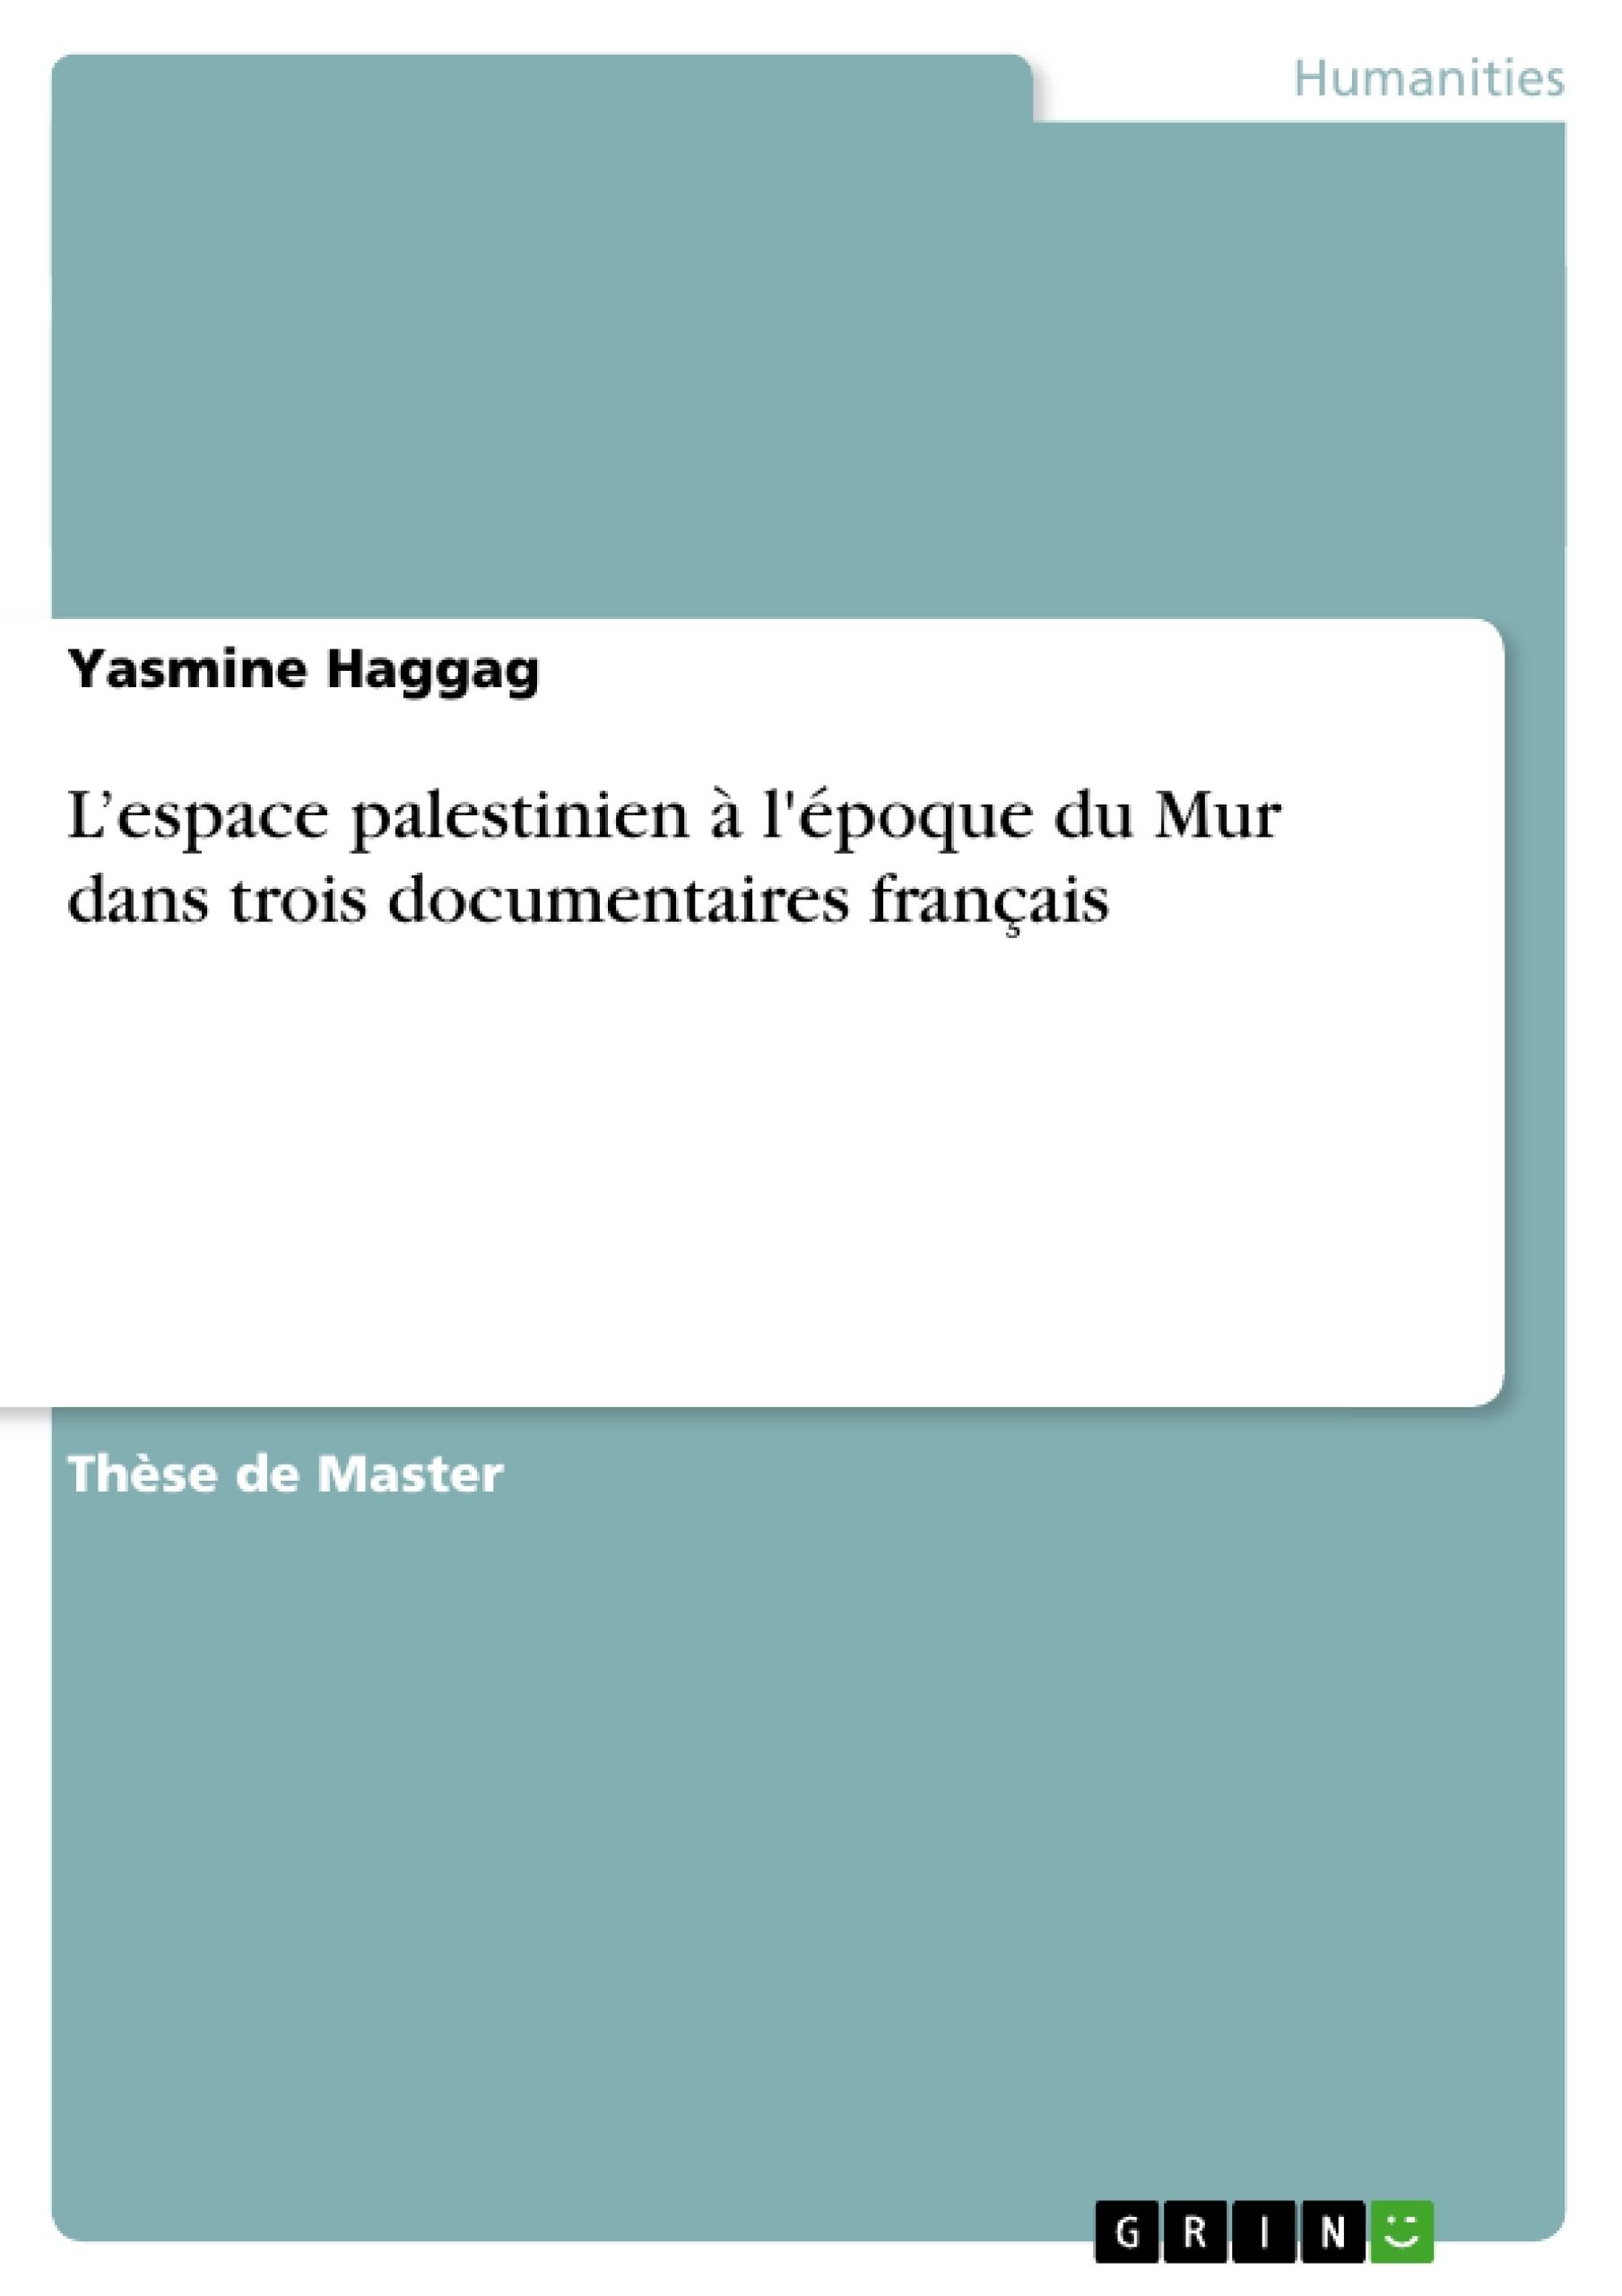 Titre: L'espace palestinien à l'époque du Mur dans trois documentaires français